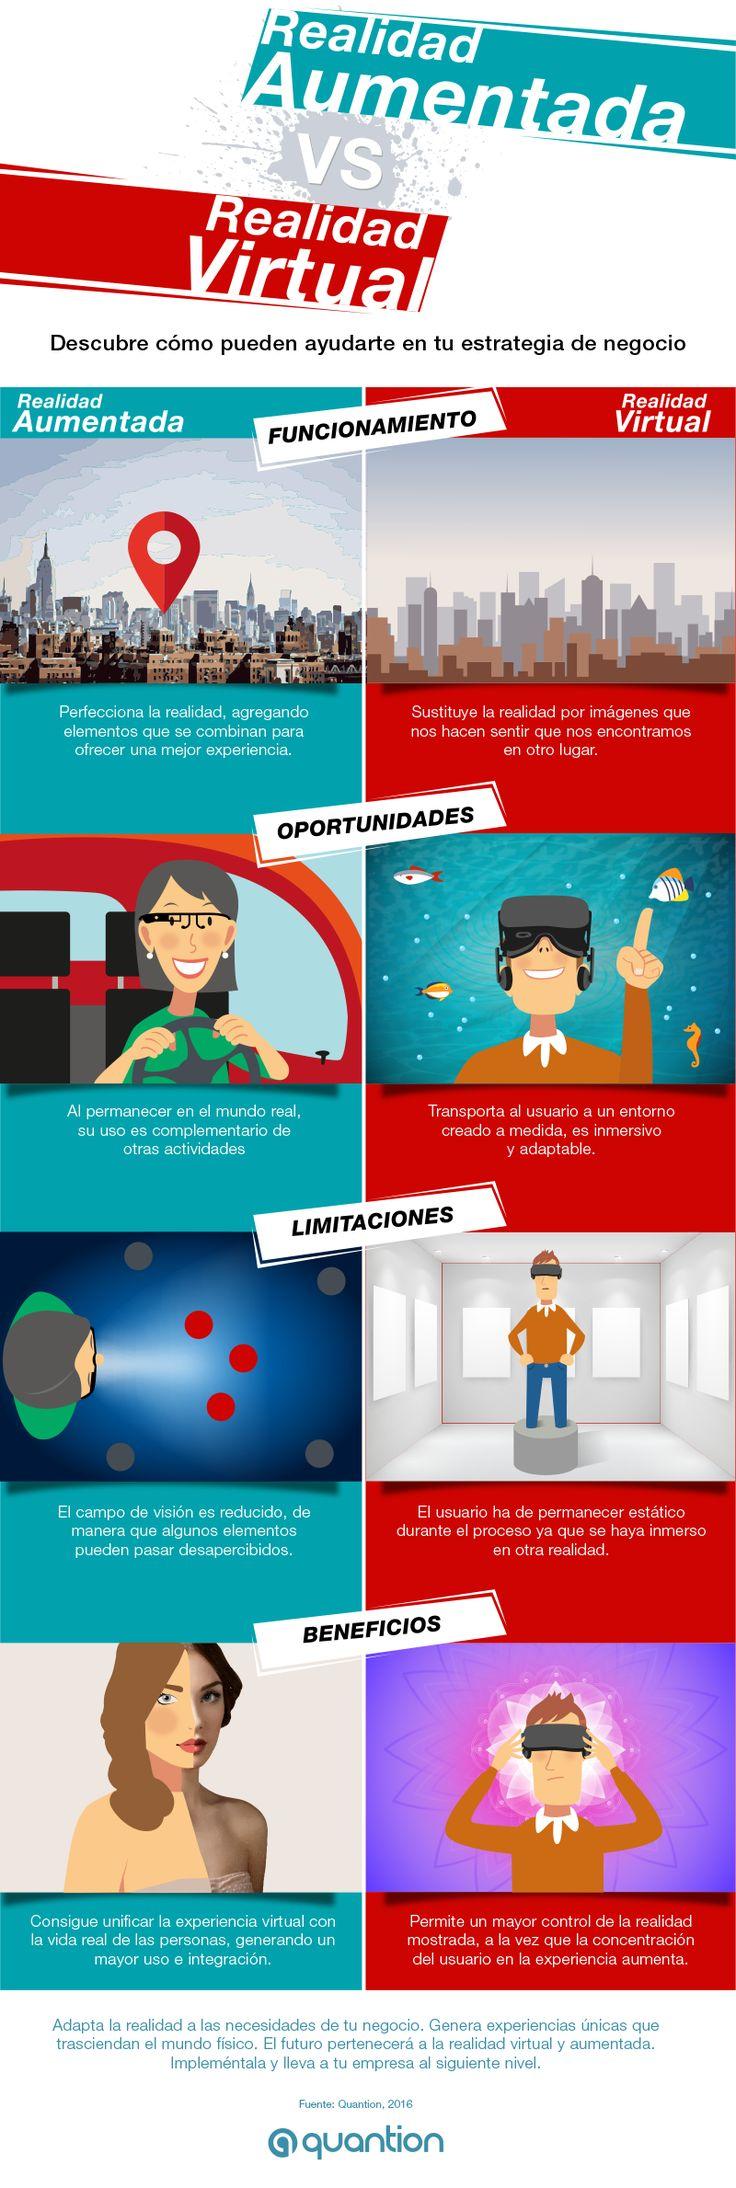 Realidad Aumentada vs Realidad Virtual.